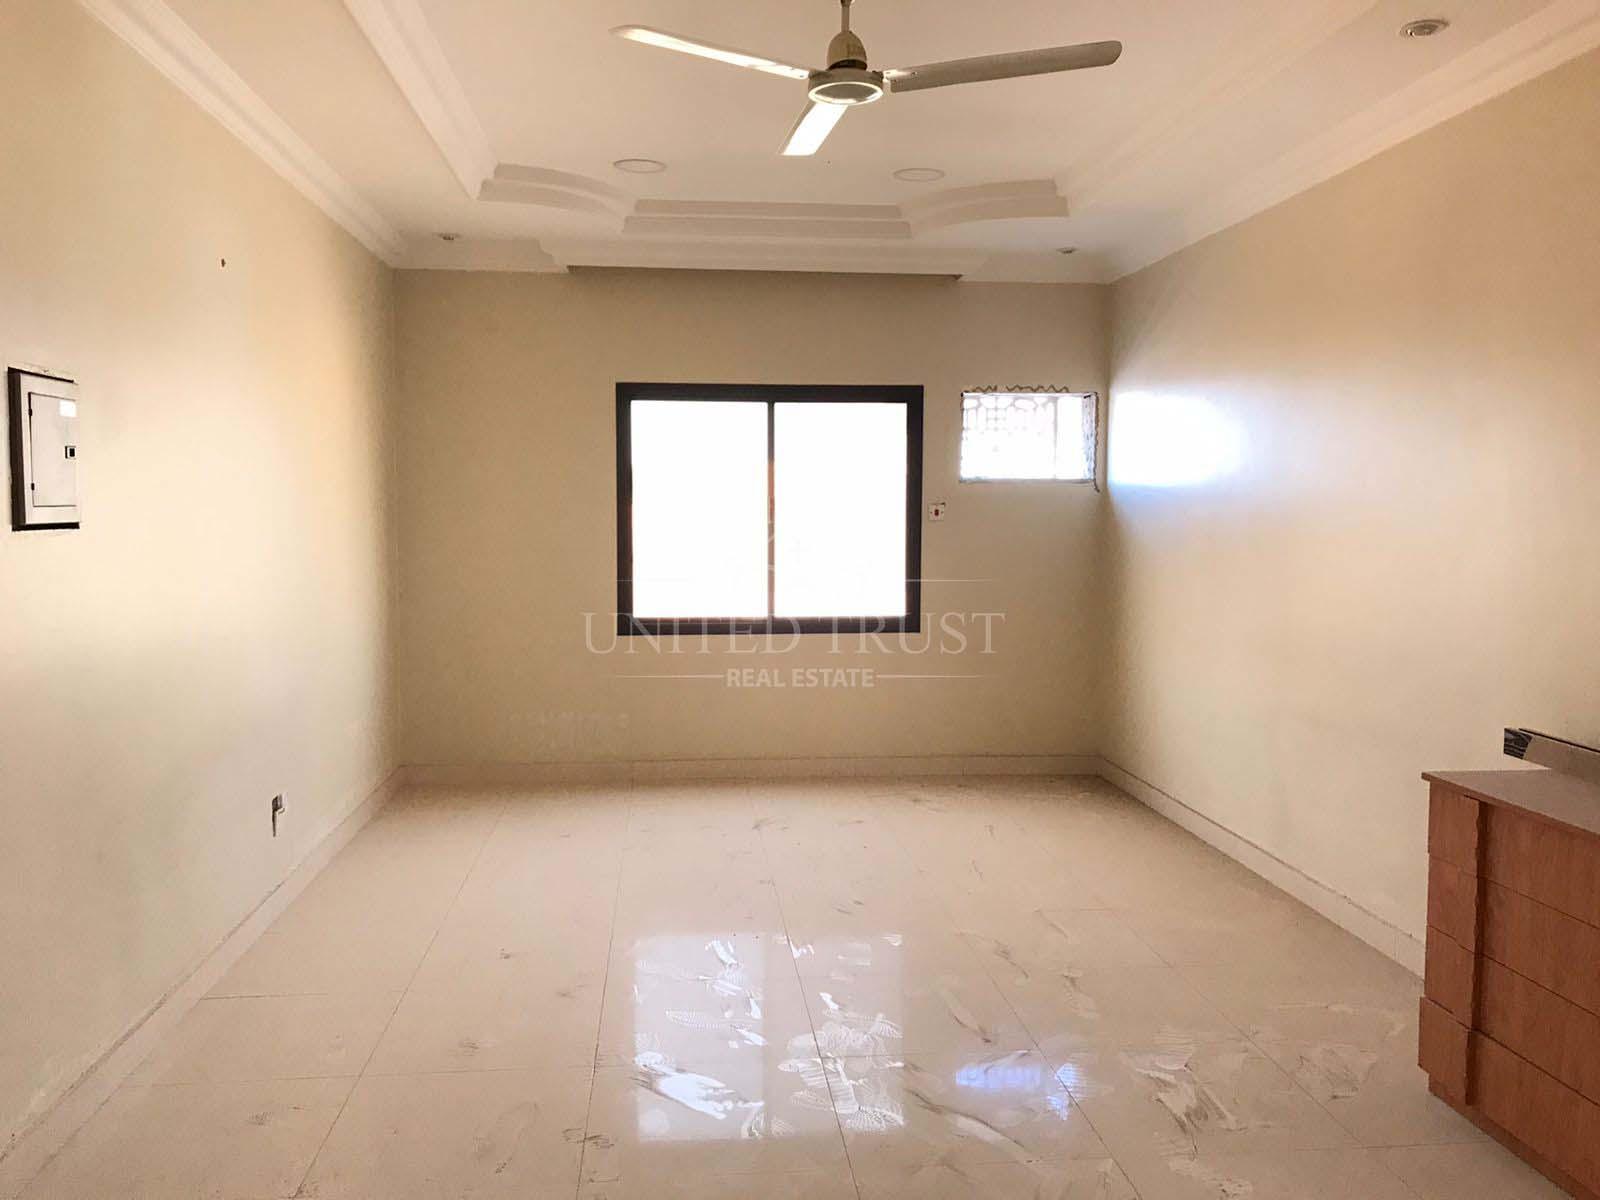 For rent a flat in jid ali REF: JID-AZ-010